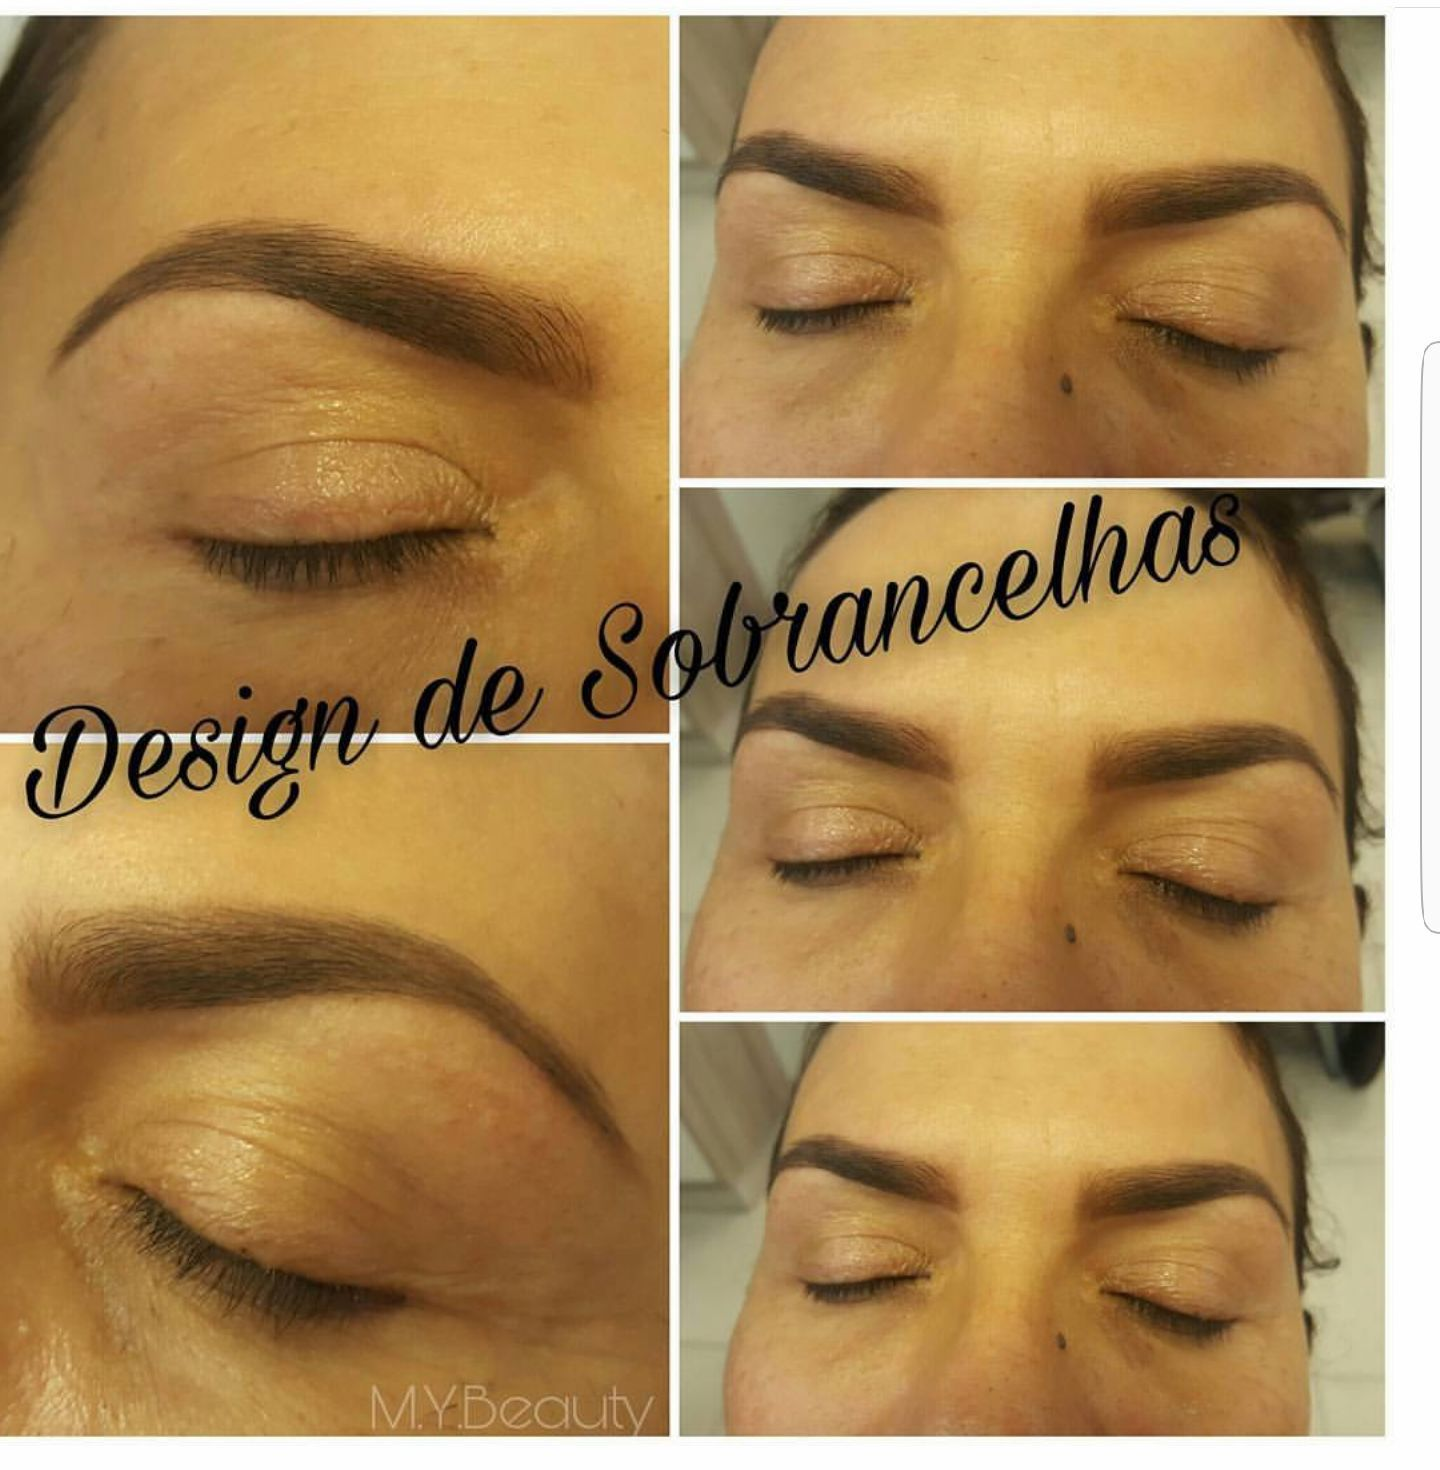 Design de sobrancelha depilador(a) depilador(a) designer de sobrancelhas